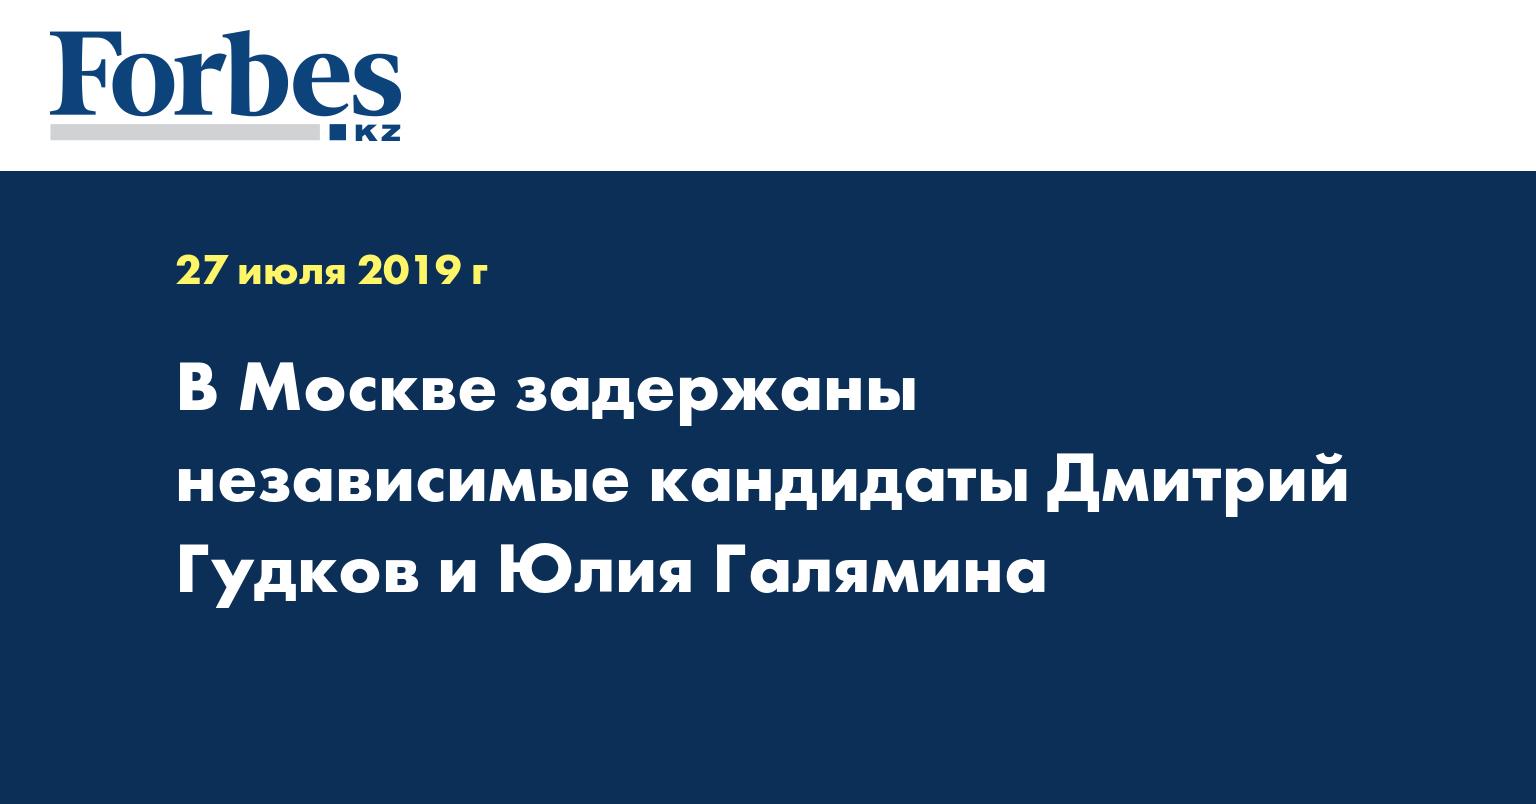 В Москве задержаны независимые кандидаты Дмитрий Гудков и Юлия Галямина